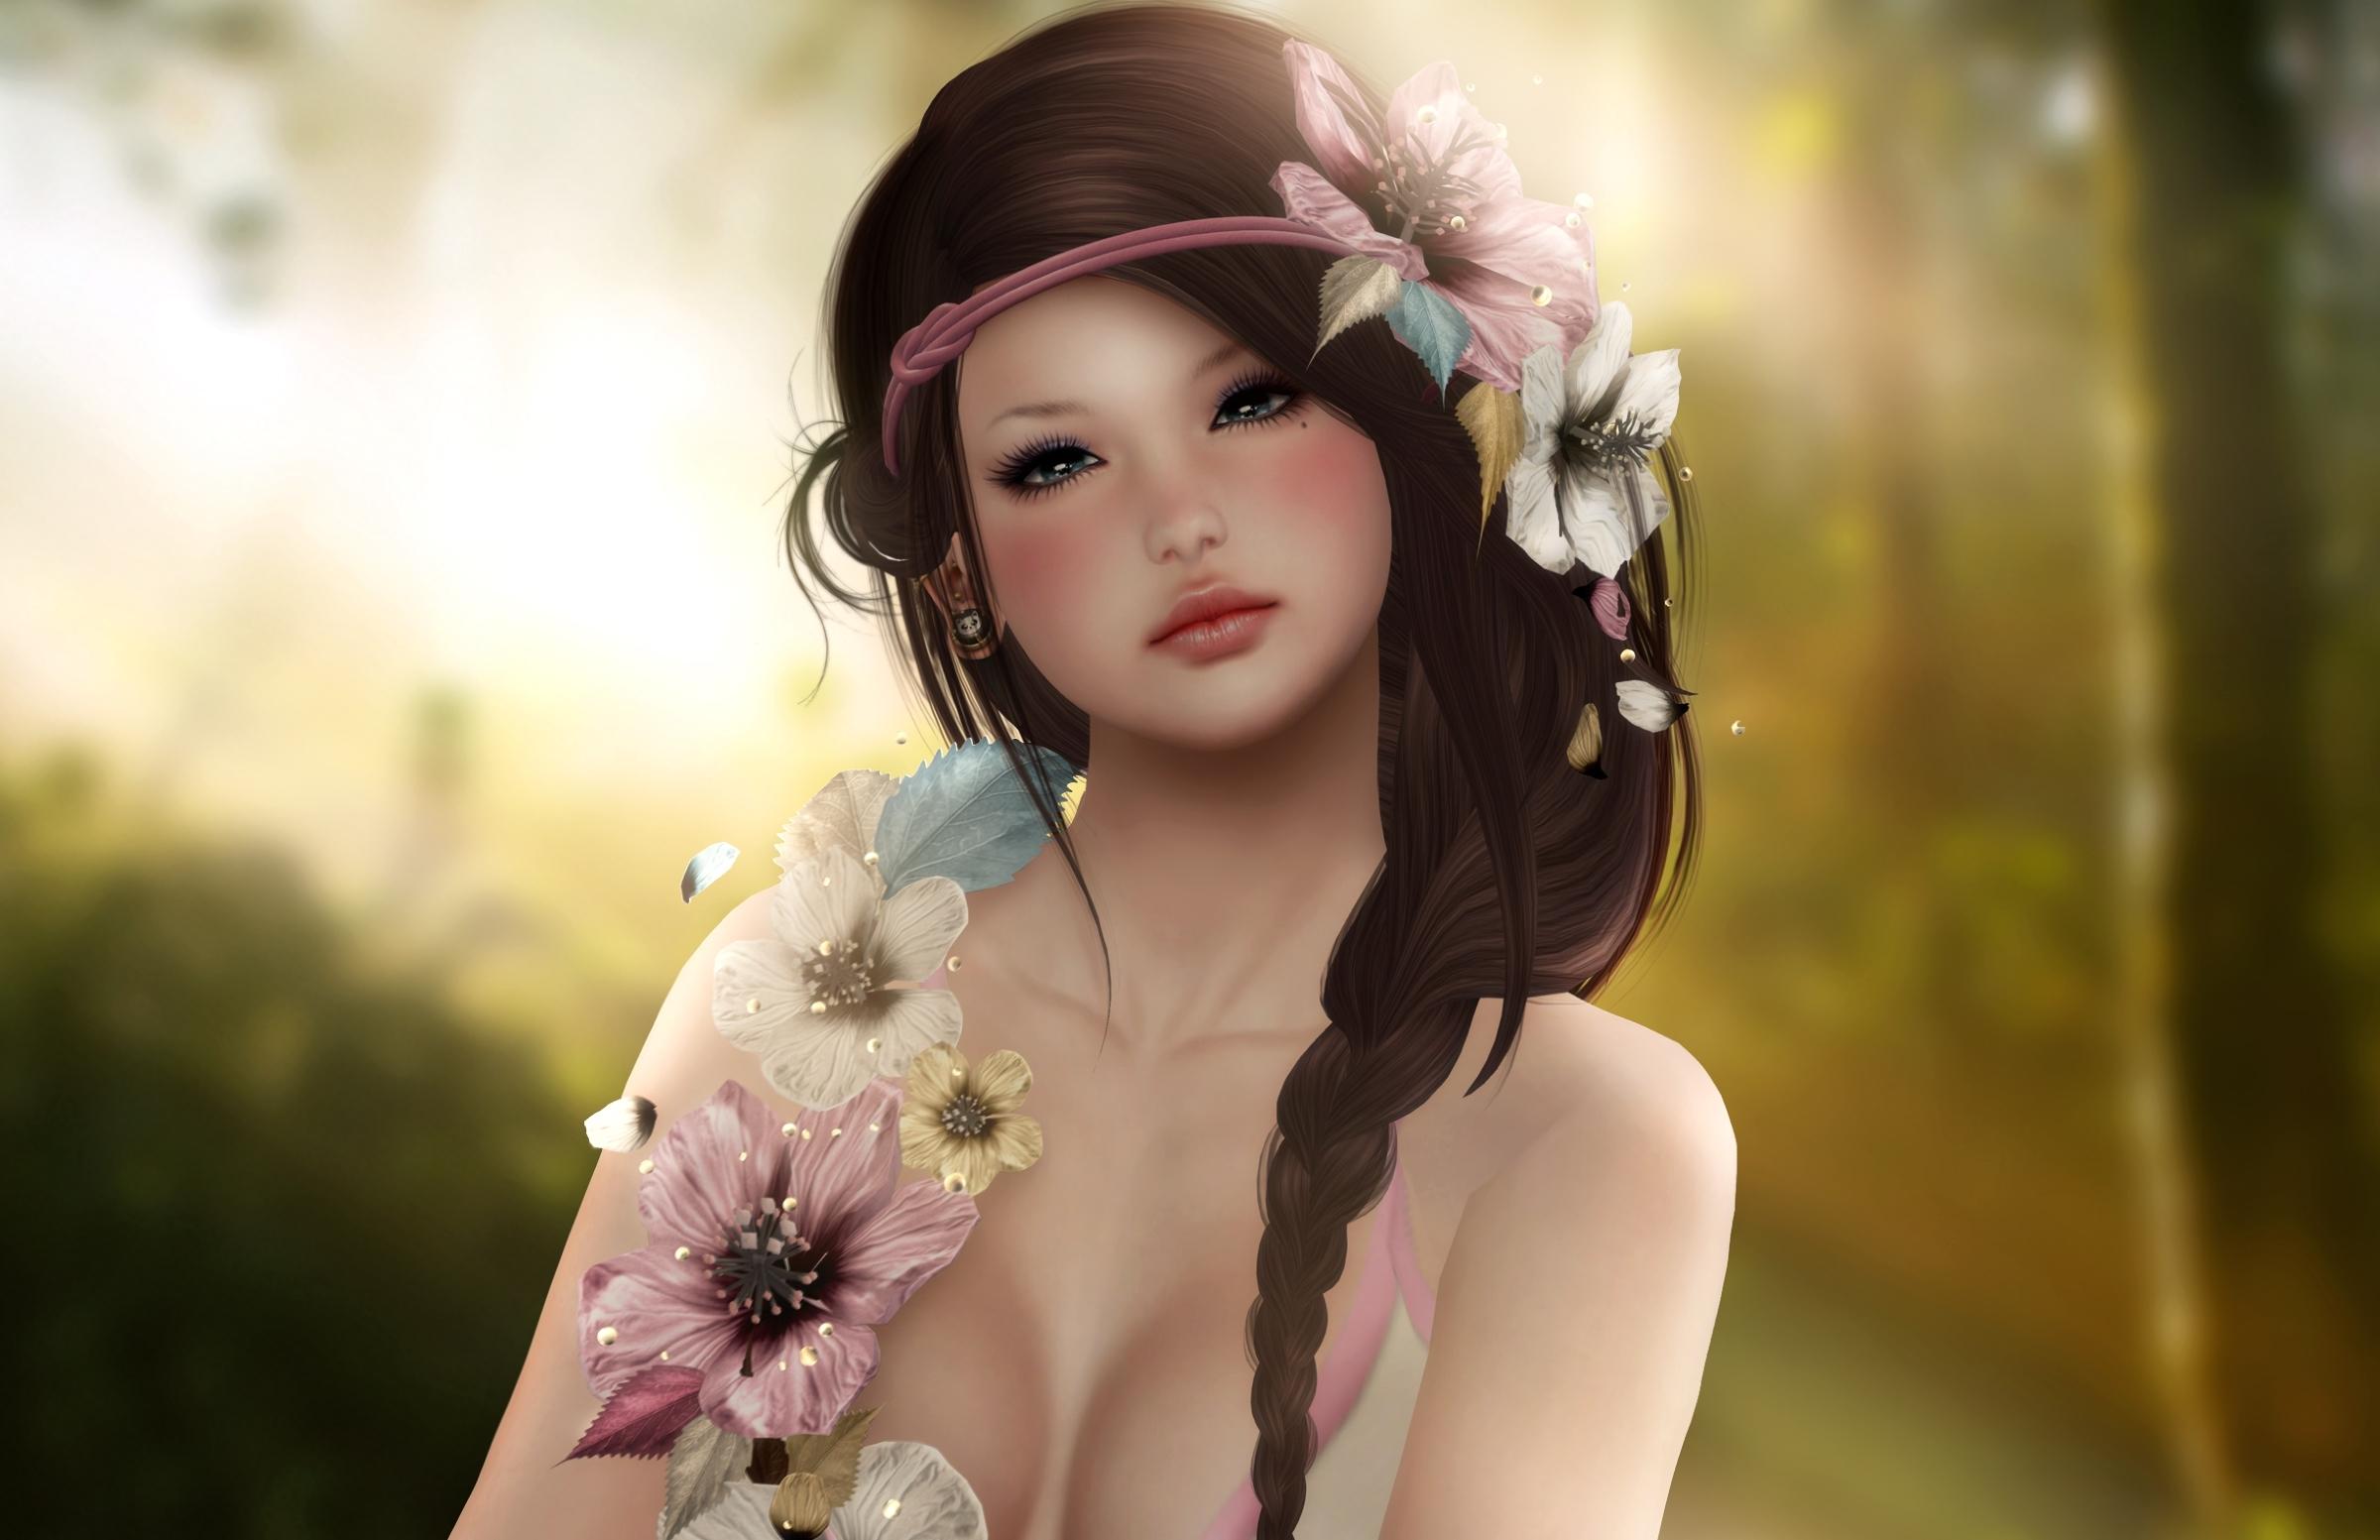 Cute Young Fantasy Teen Girl Wallpaper - Beautiful Women Fantasy Art , HD Wallpaper & Backgrounds